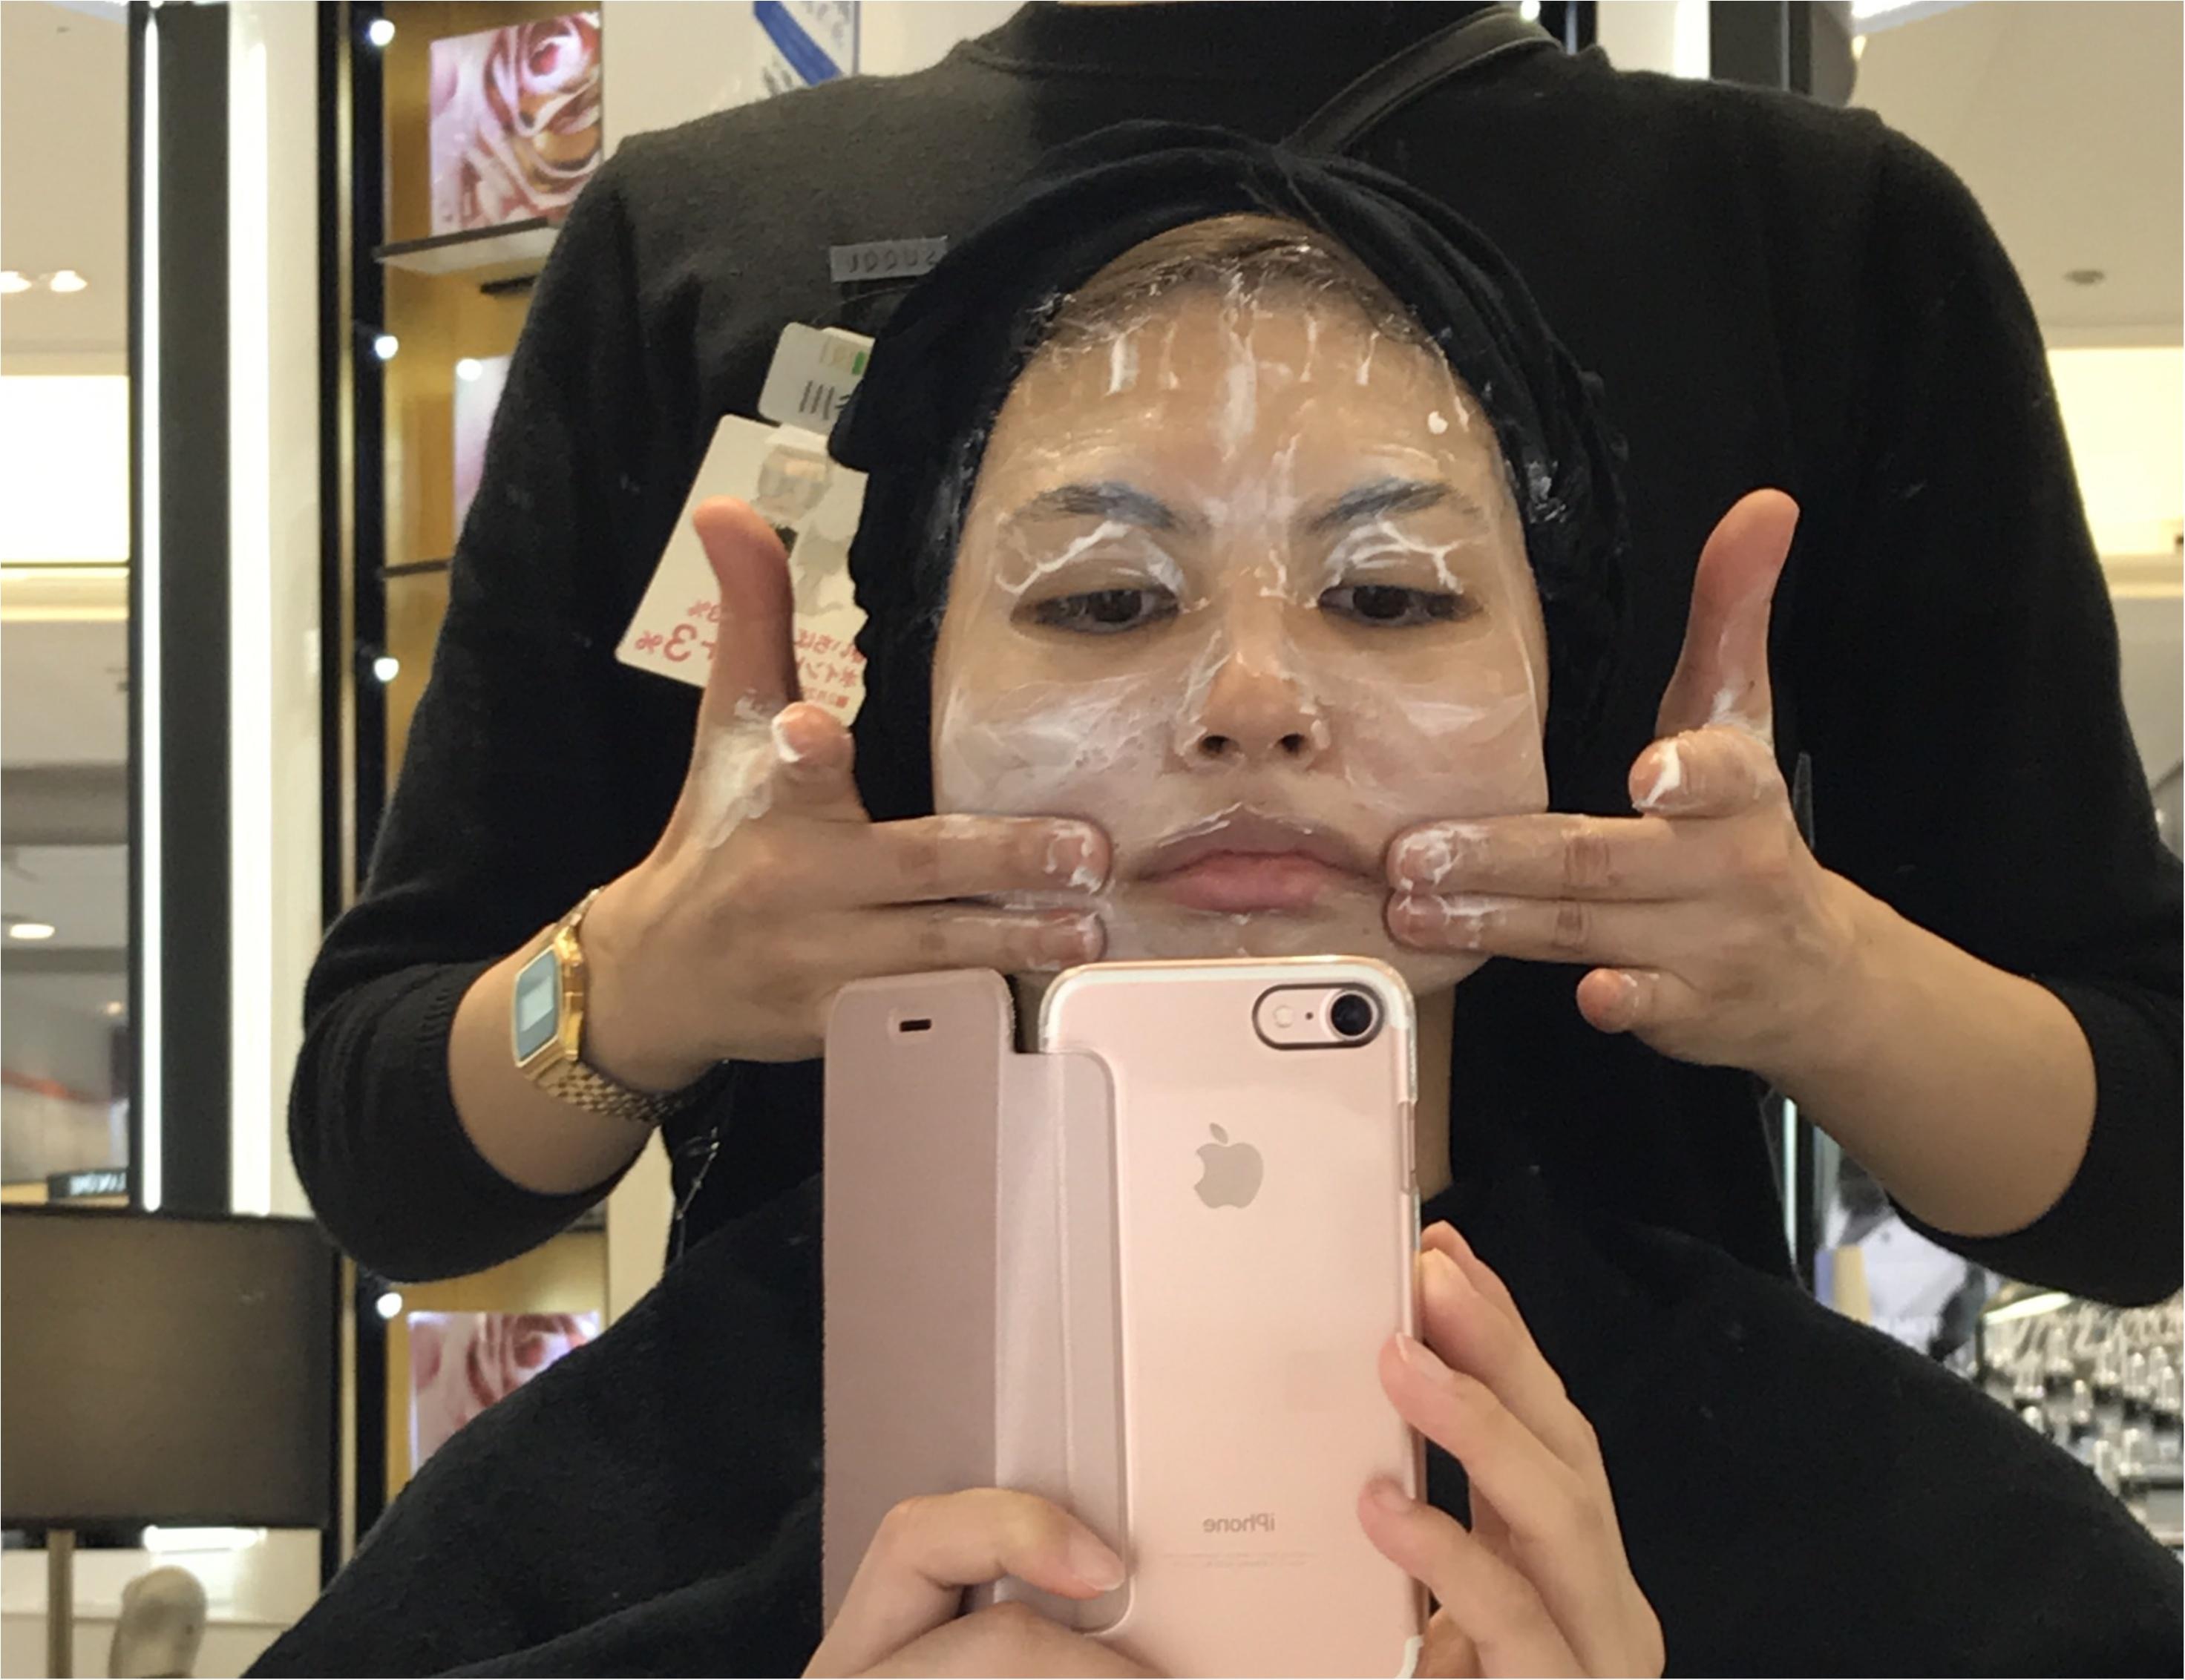 《3分間ですっきりフェイスラインに✨》【無料】マッサージ体験からメイクまで堪能できるSUQQUの『顔筋マッサージ体験』に行ってみた♡_4